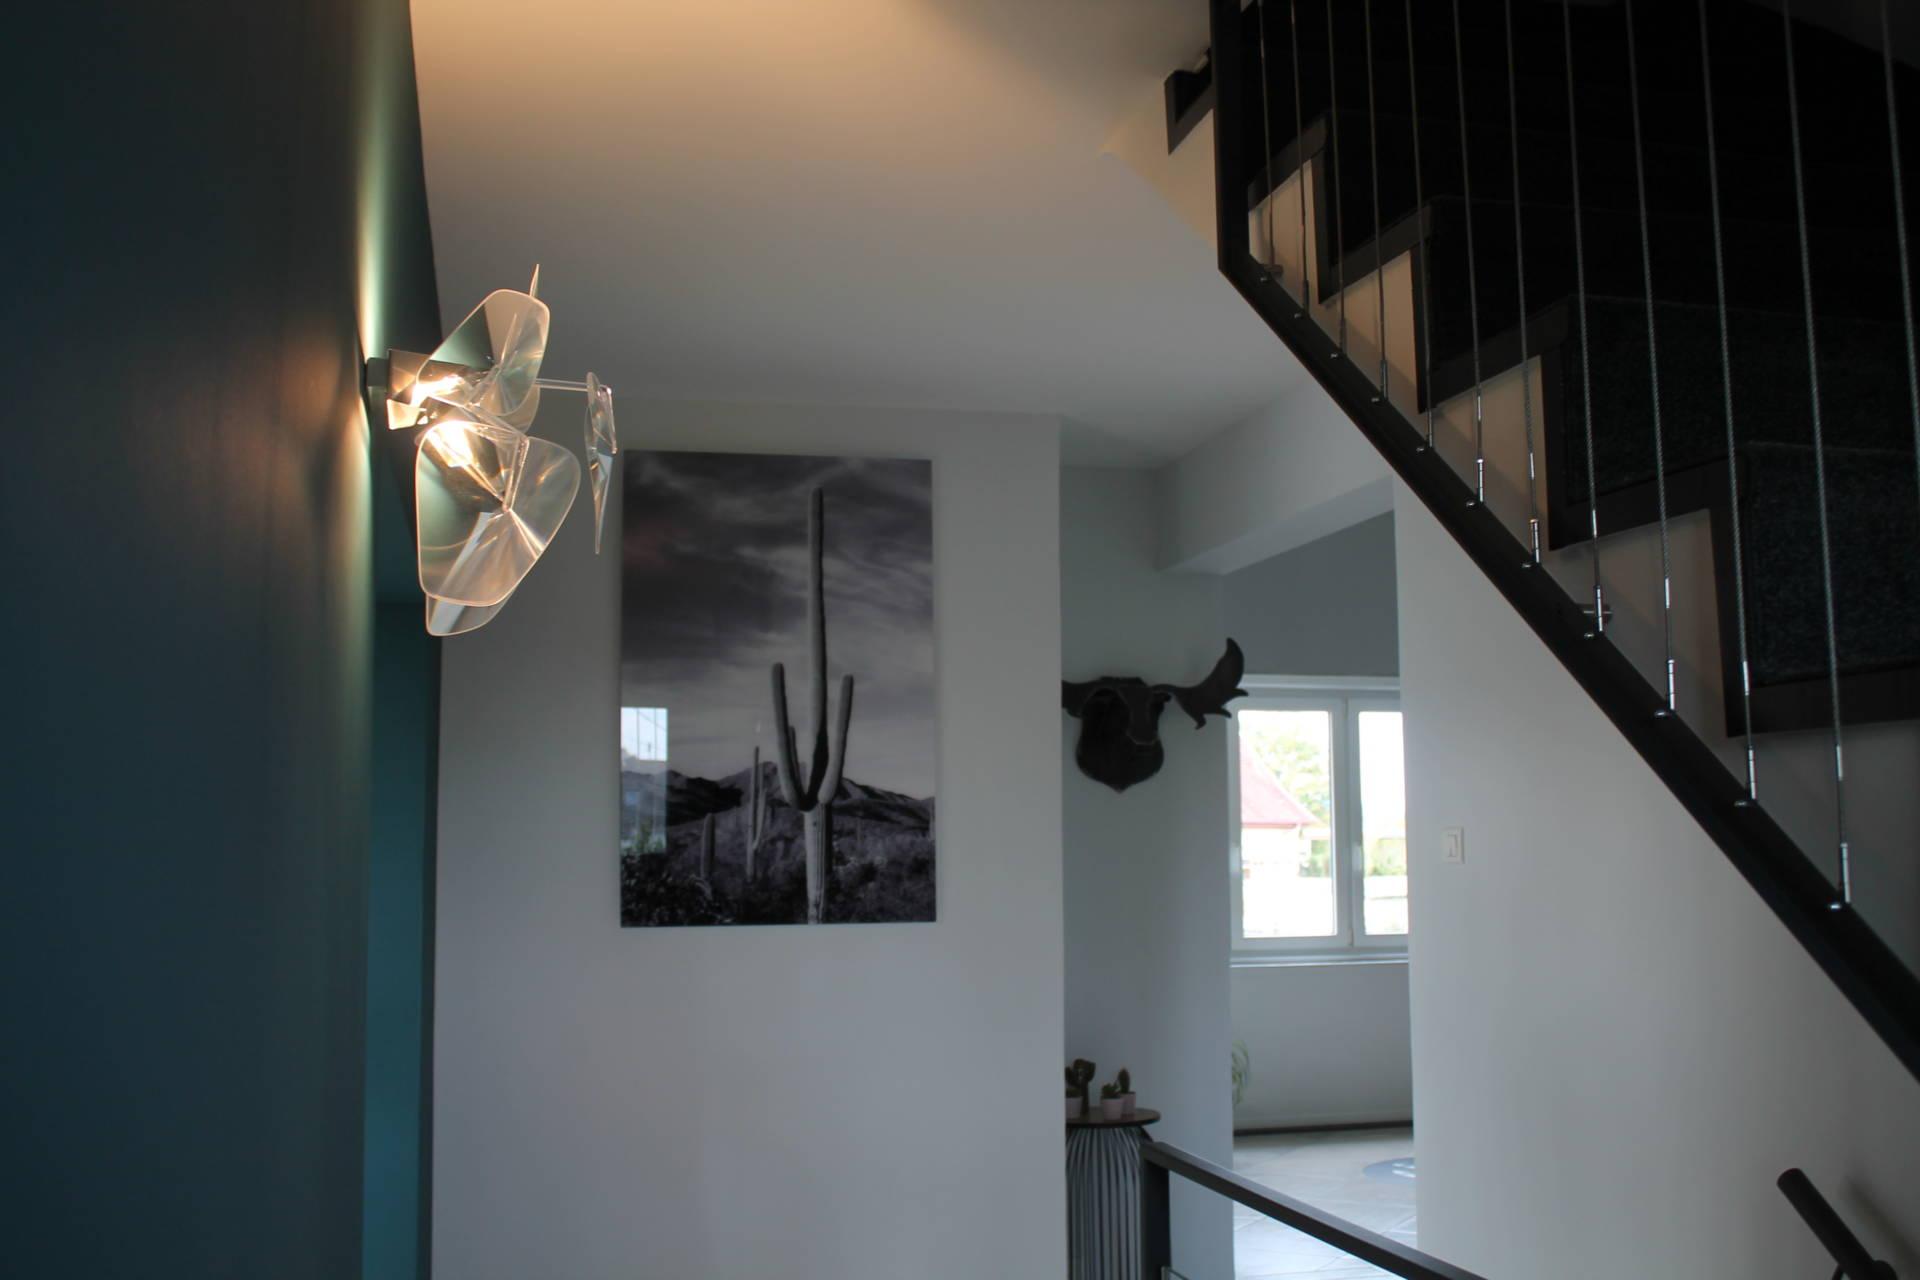 Mise en peinture de l'entrée d'une maison, sélection de luminaires et décoration par Inspiration Design : décoratrice UFDI à Colmar (vue sur le palier de l'escalier)